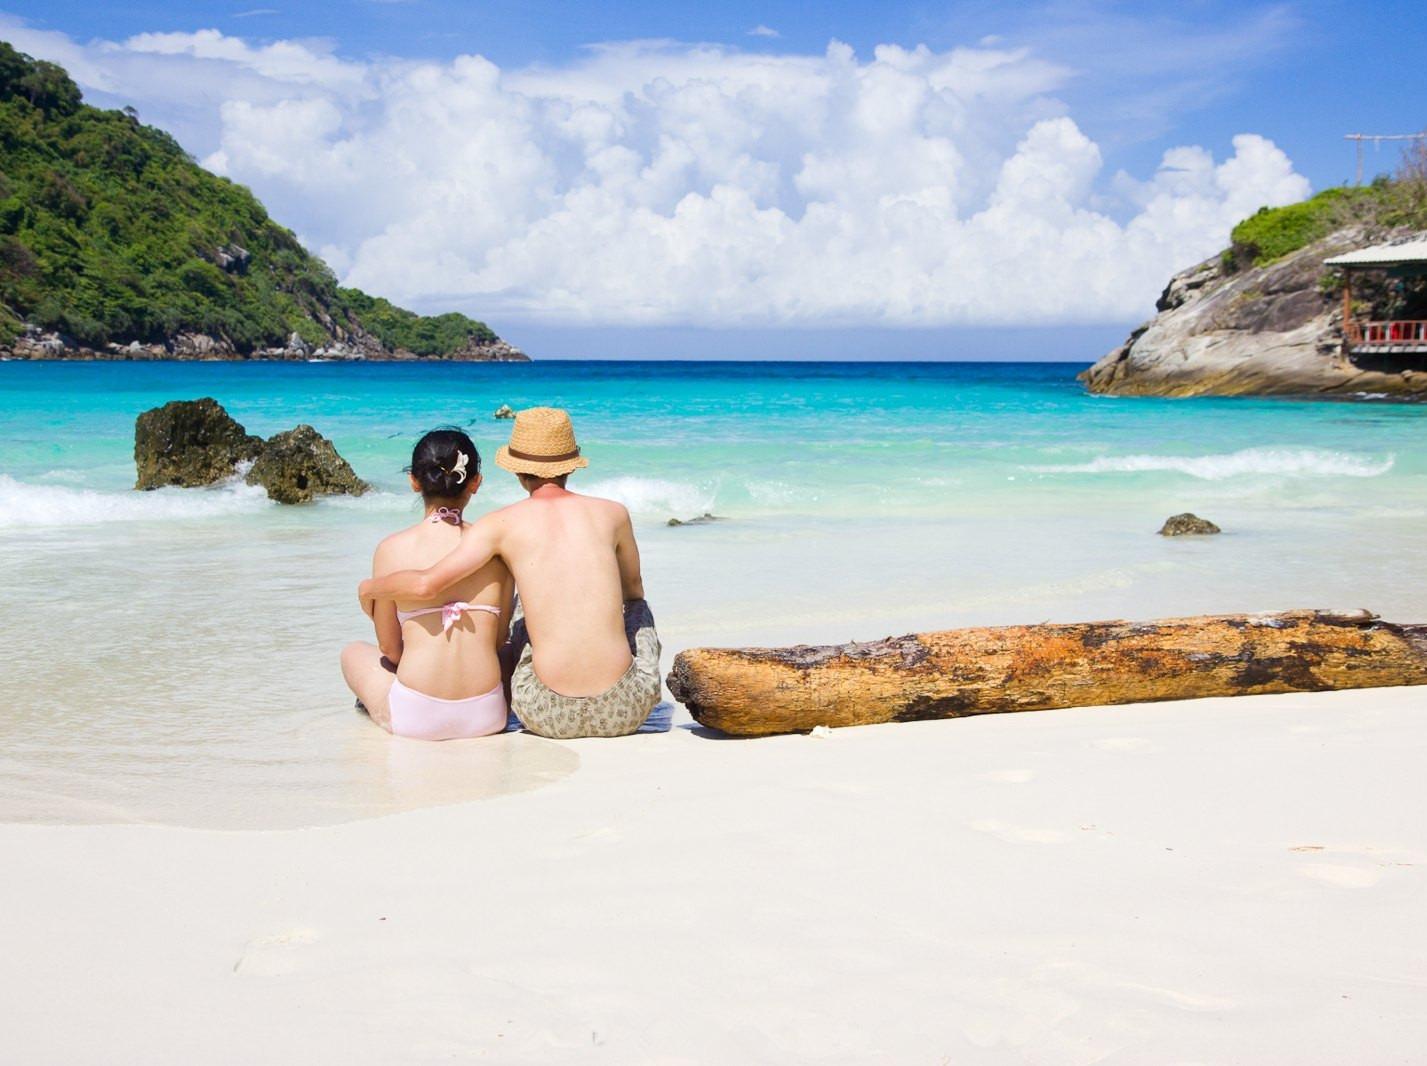 泰国普吉岛 阳光海岛度假6日 每天出发